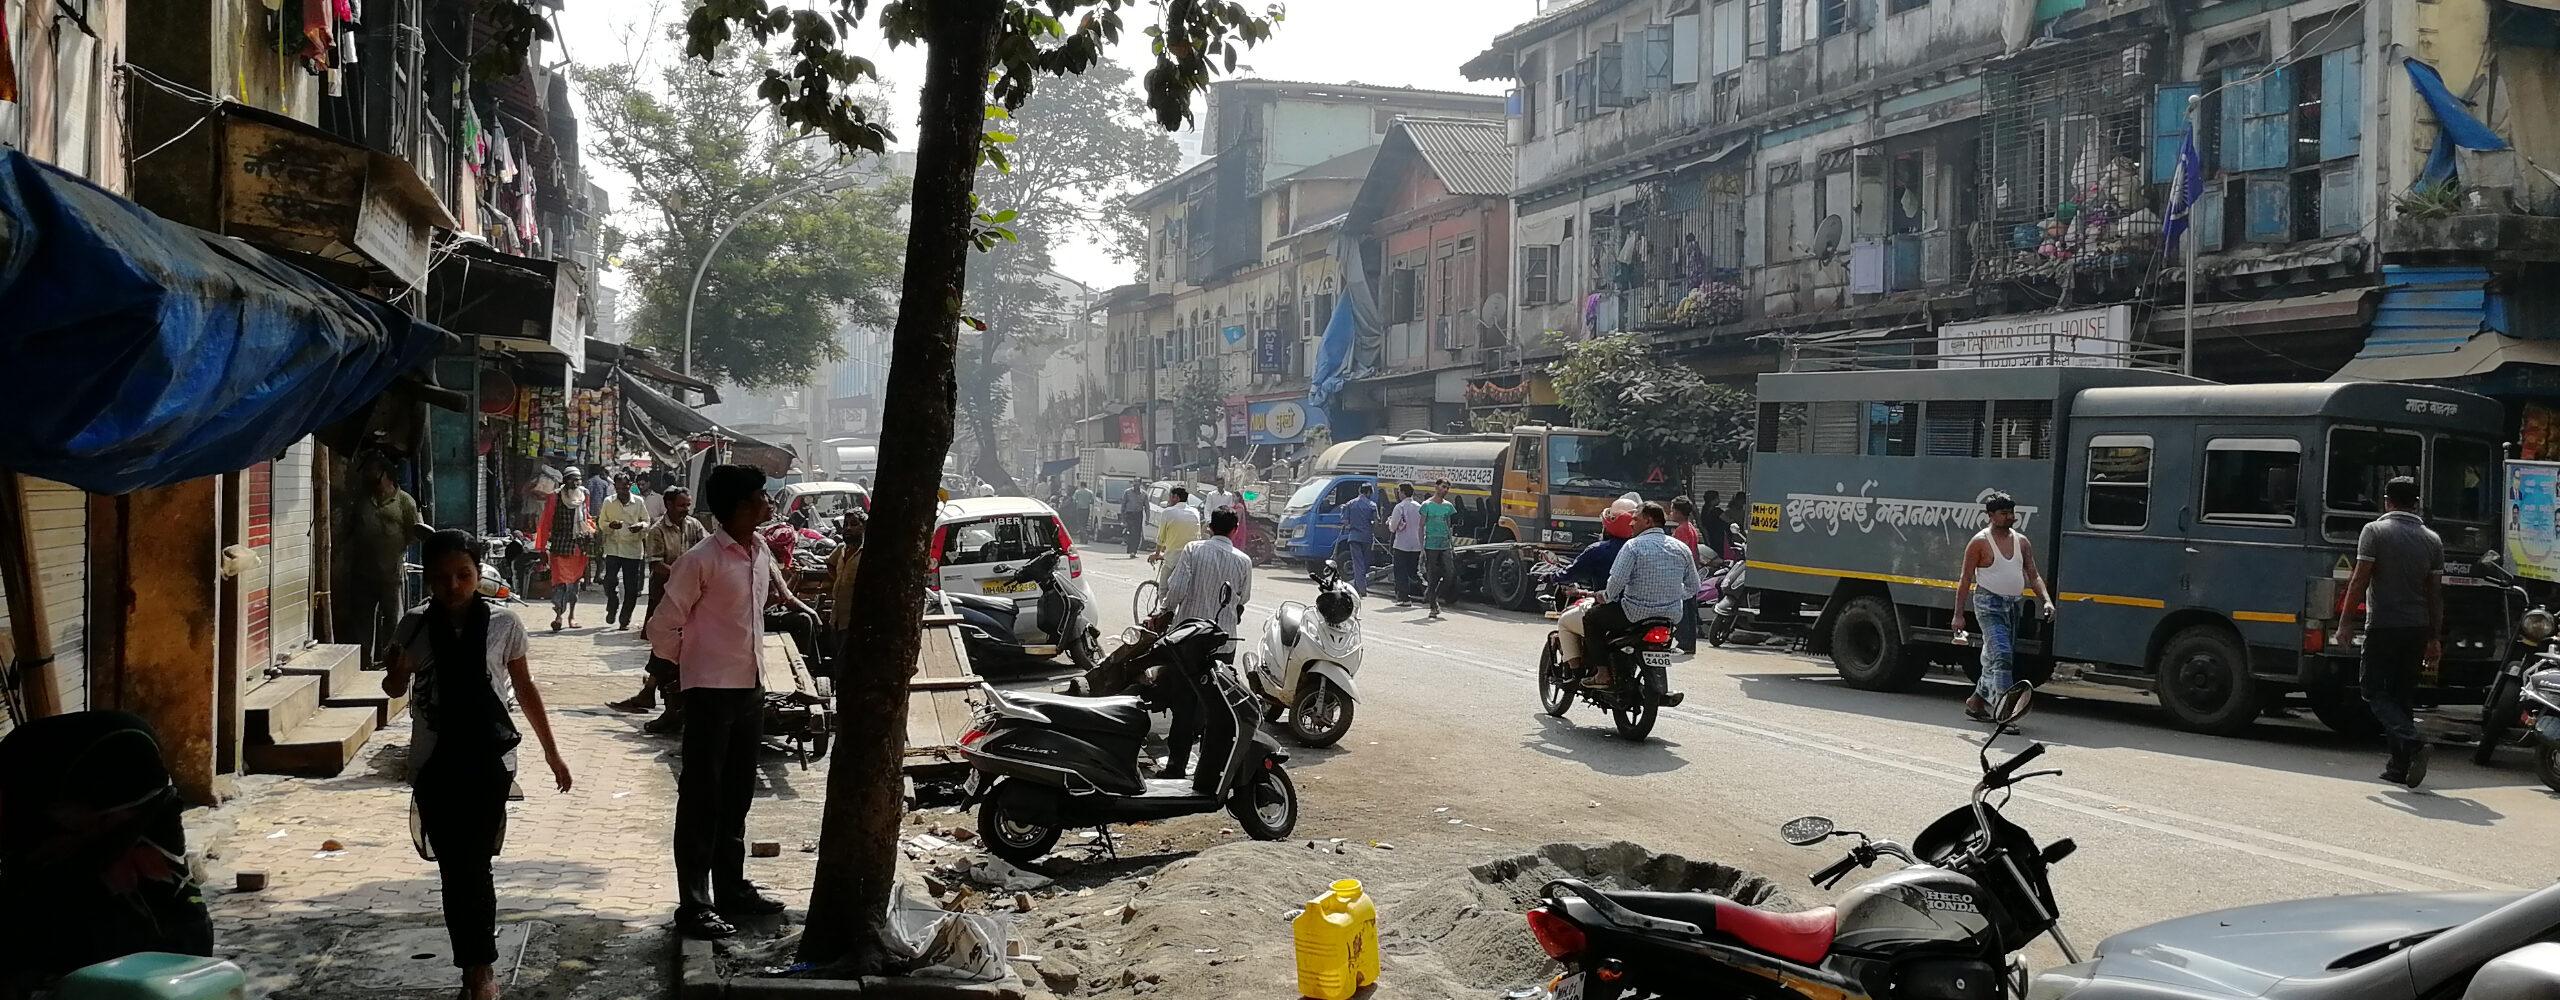 Две недели вИндии. Часть 5. Мумбаи иснова Дели.